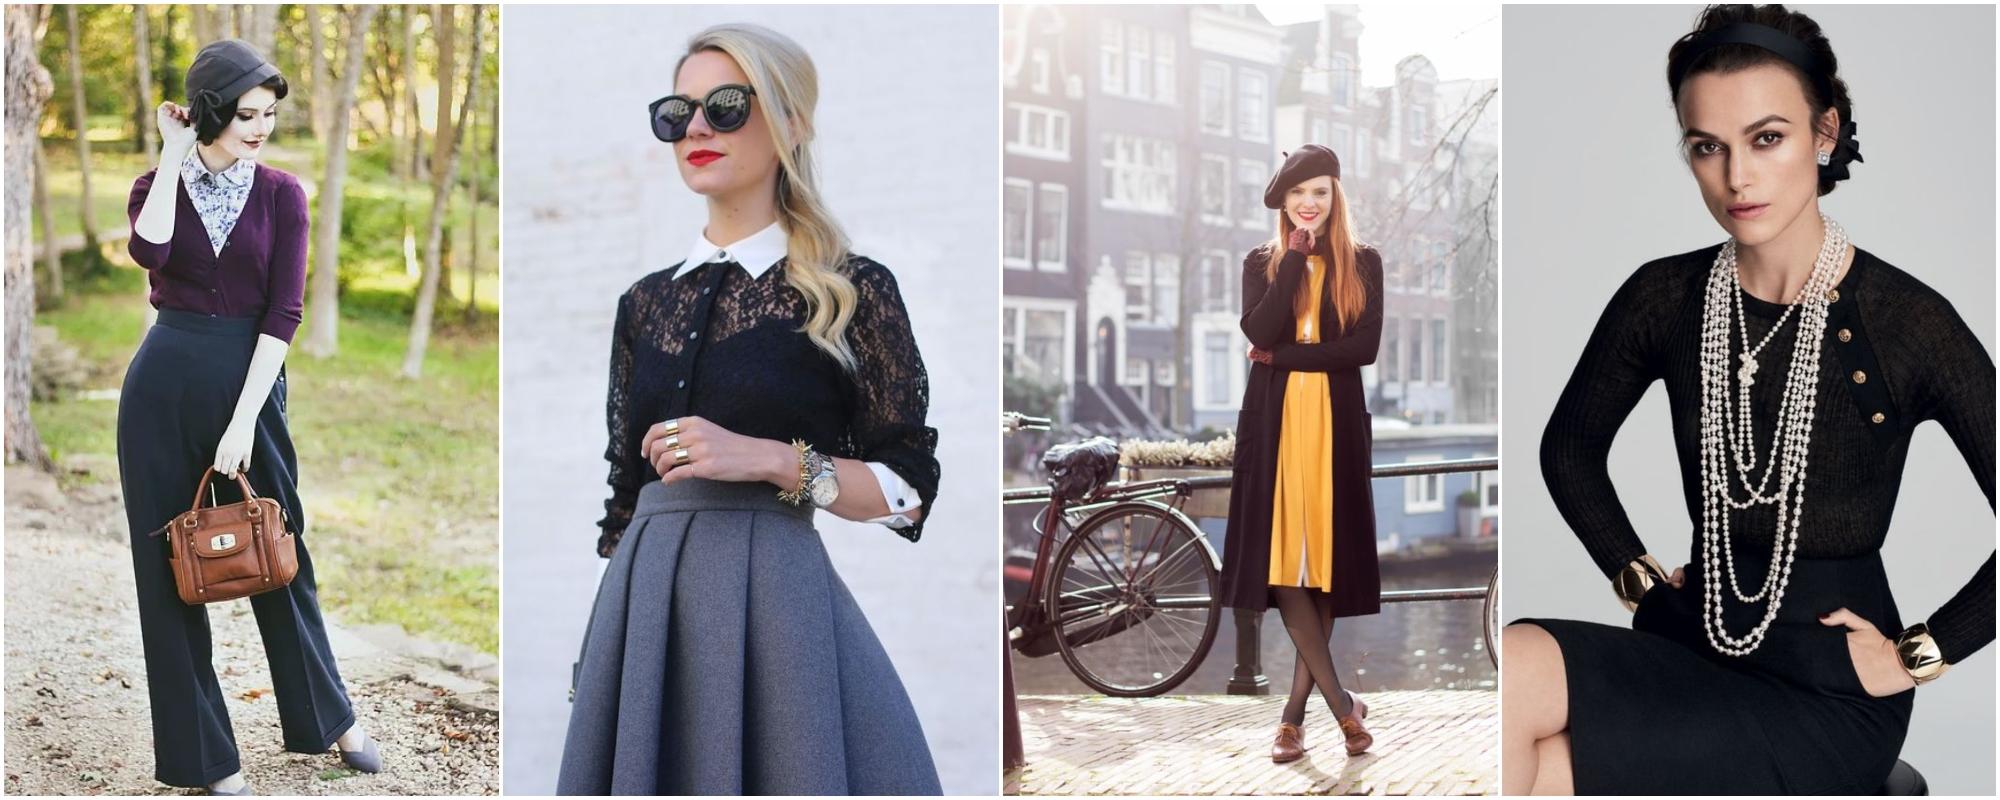 Moda Vintage no dia a dia – 7 dicas para não errar!